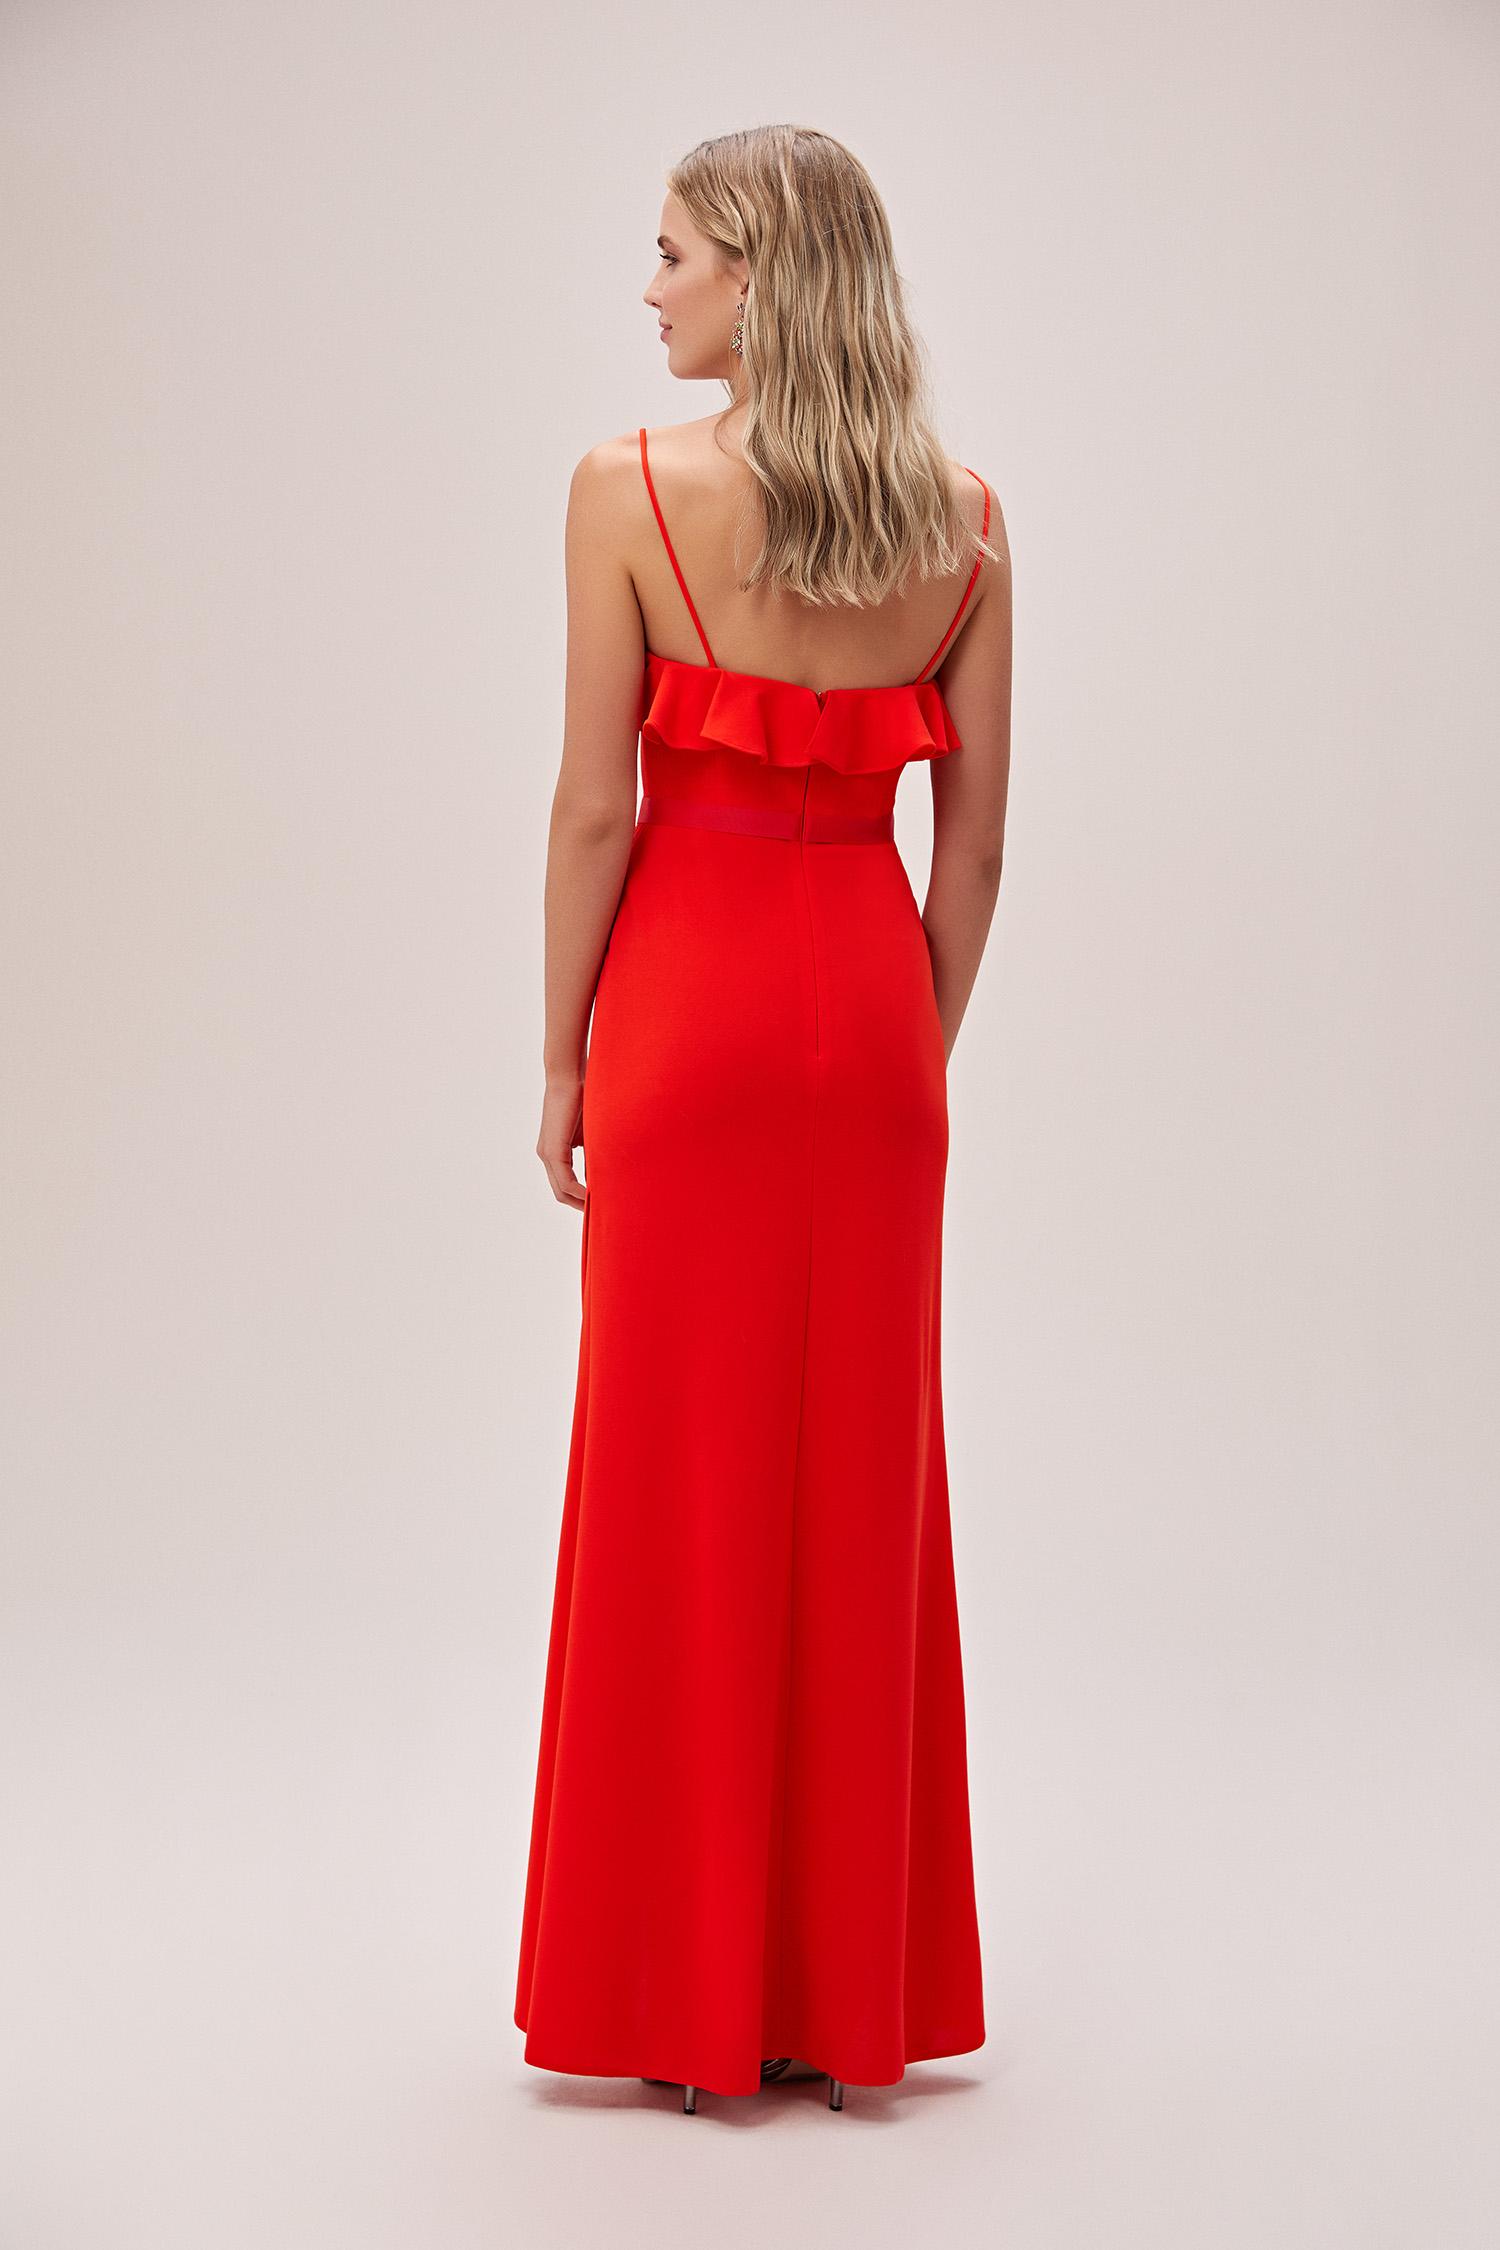 Mercan Kırmızısı İnce Askılı Krep Uzun Abiye Elbise - Thumbnail